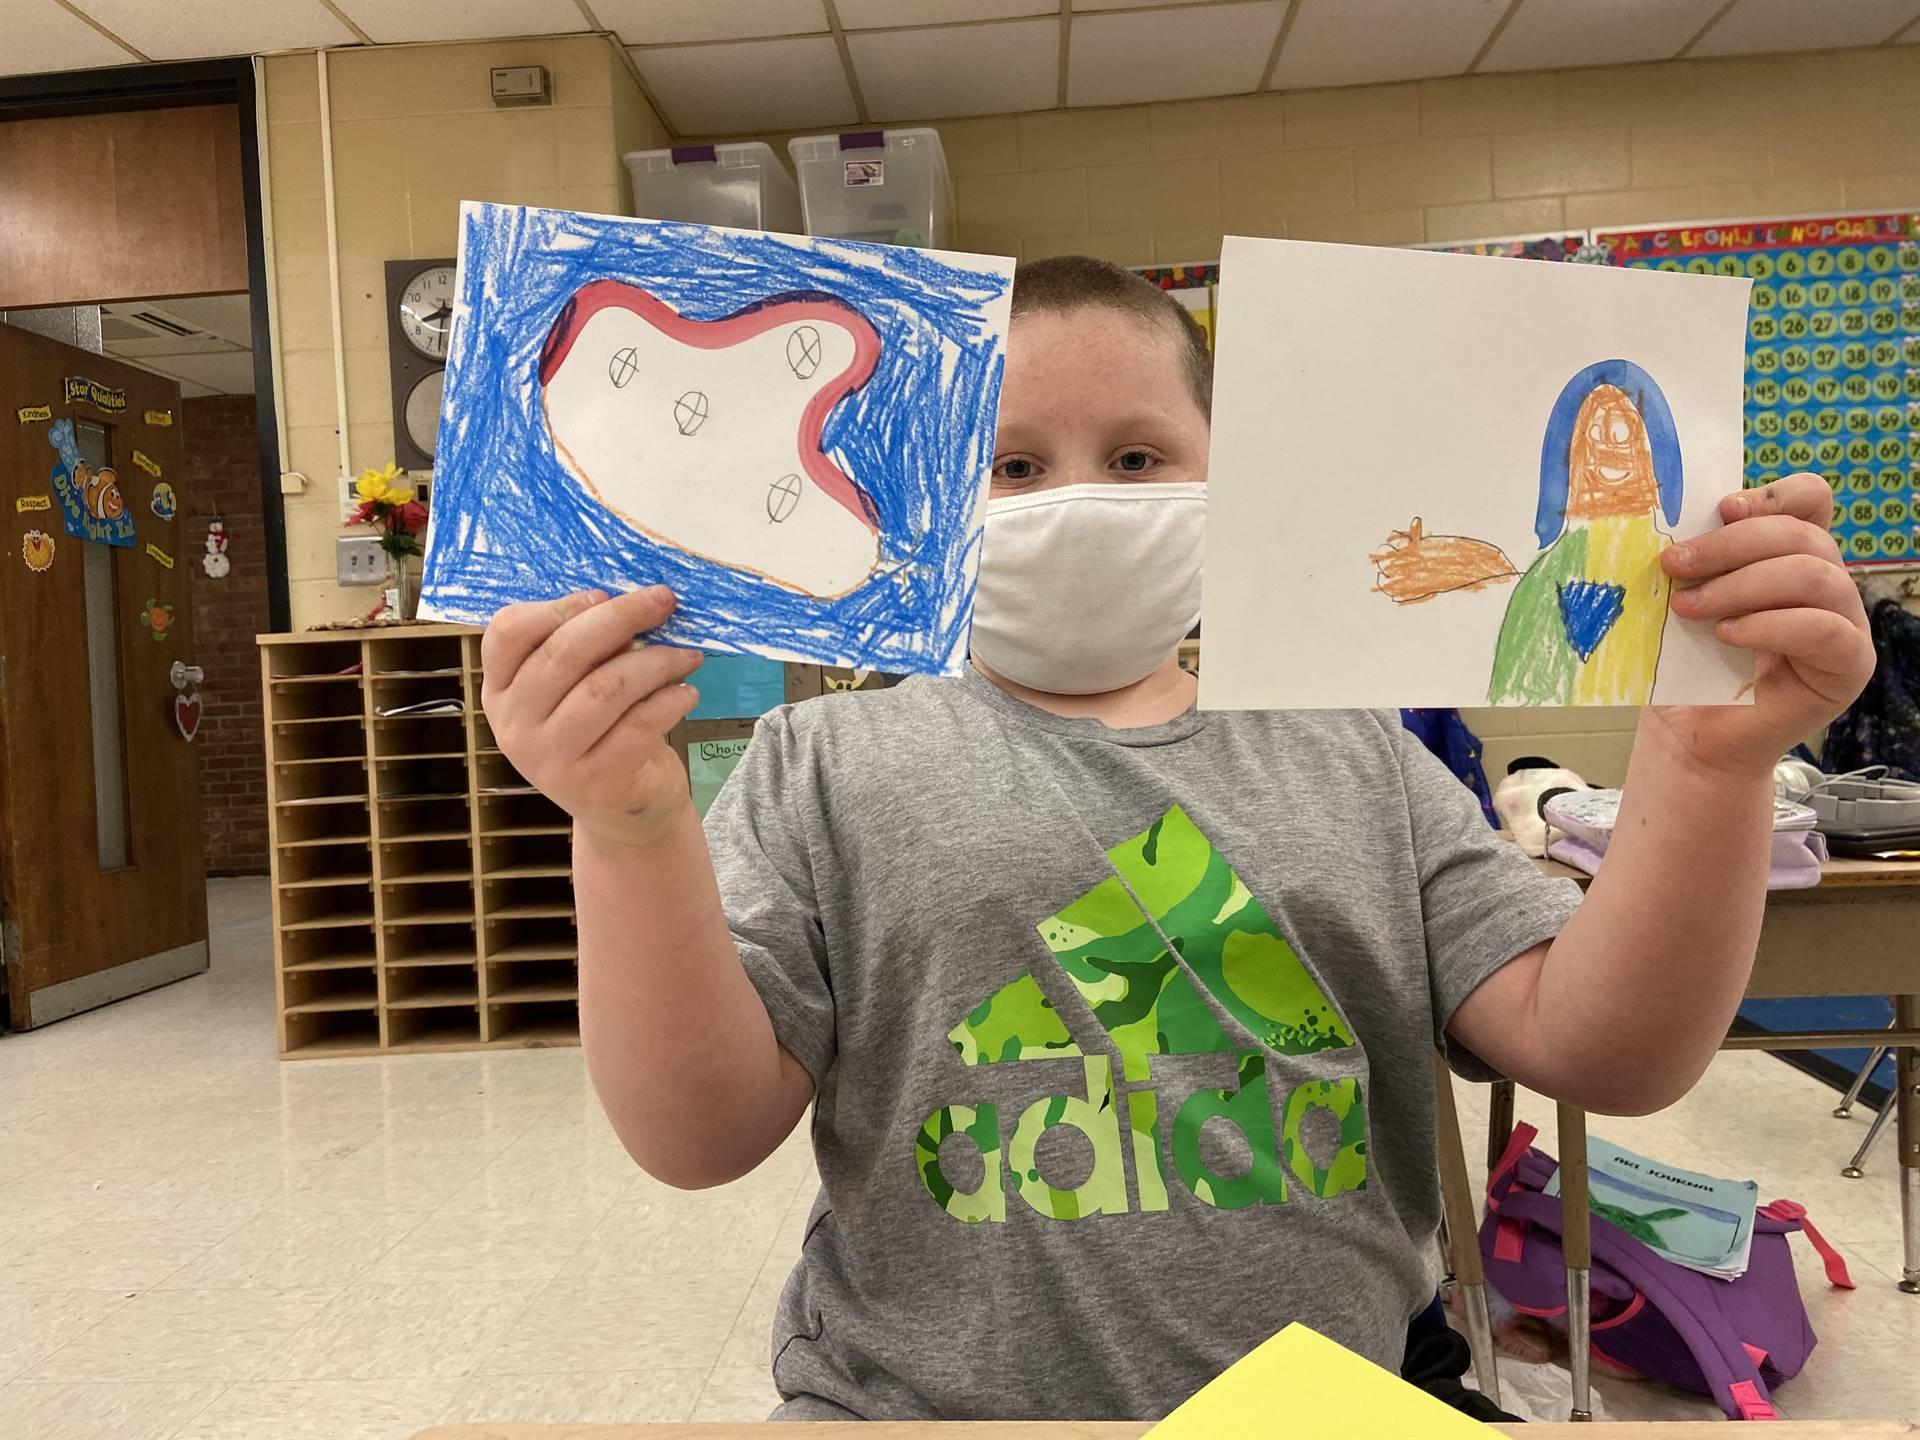 Student holding artwork